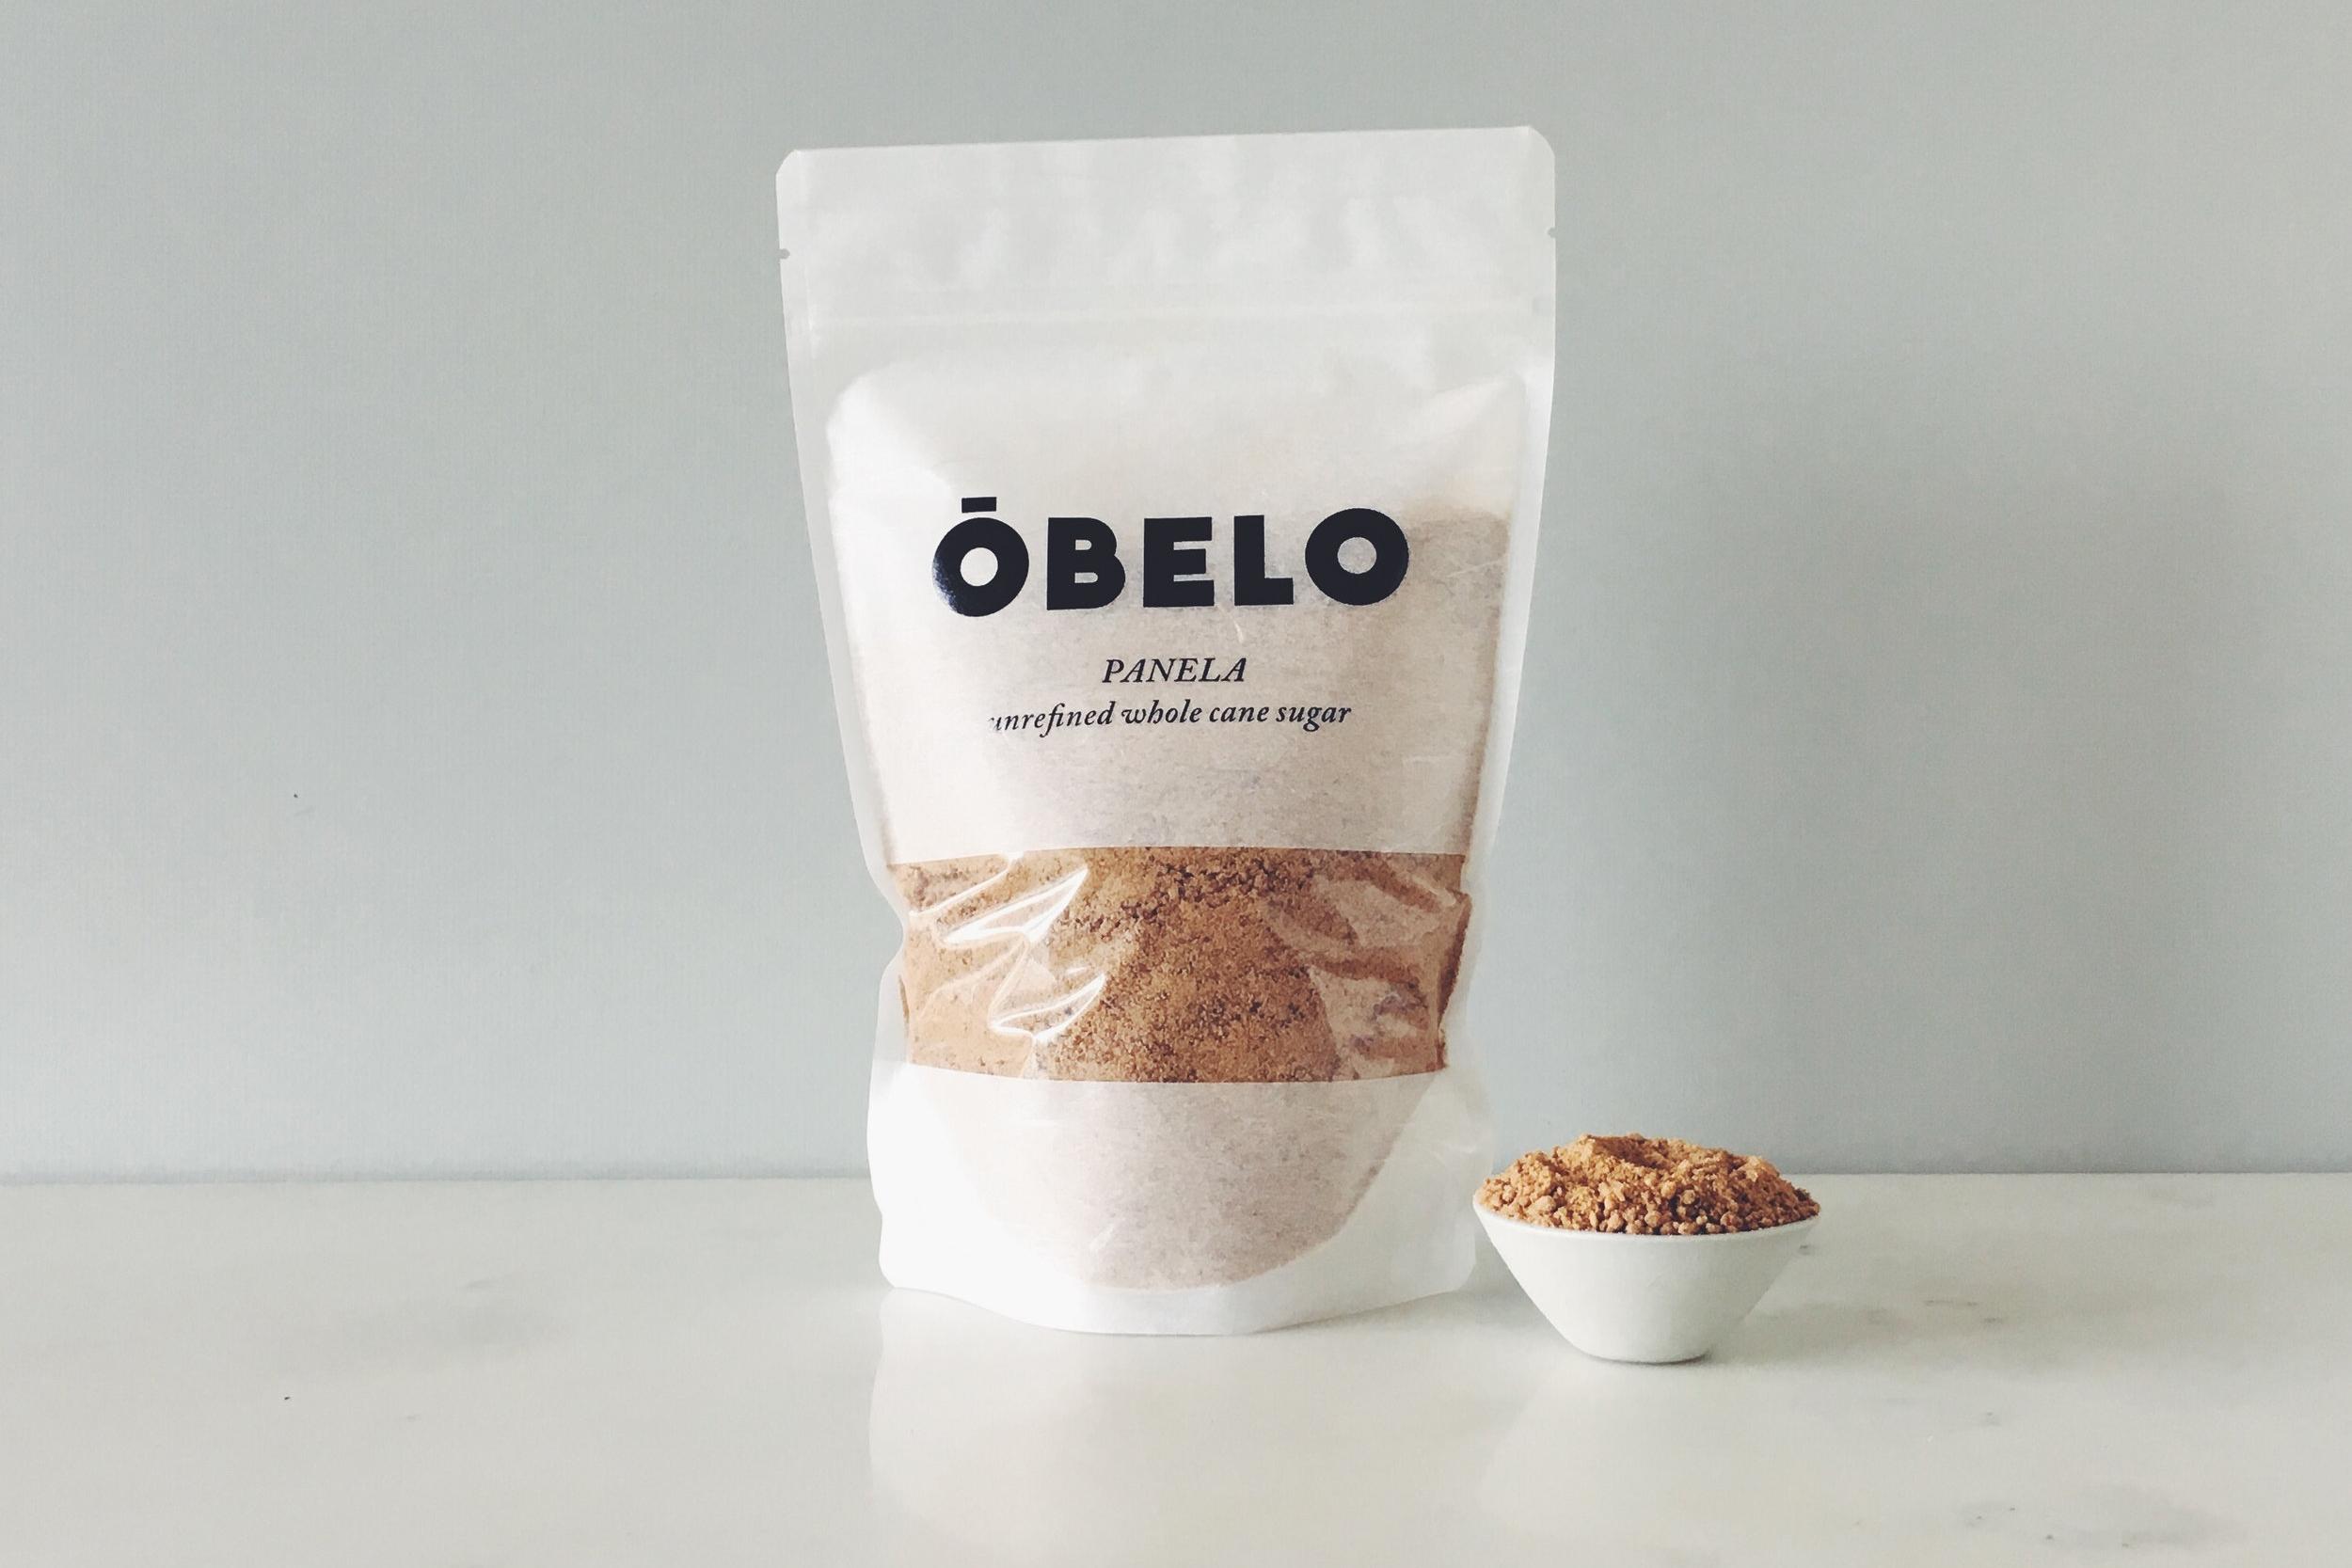 OBELO Panela